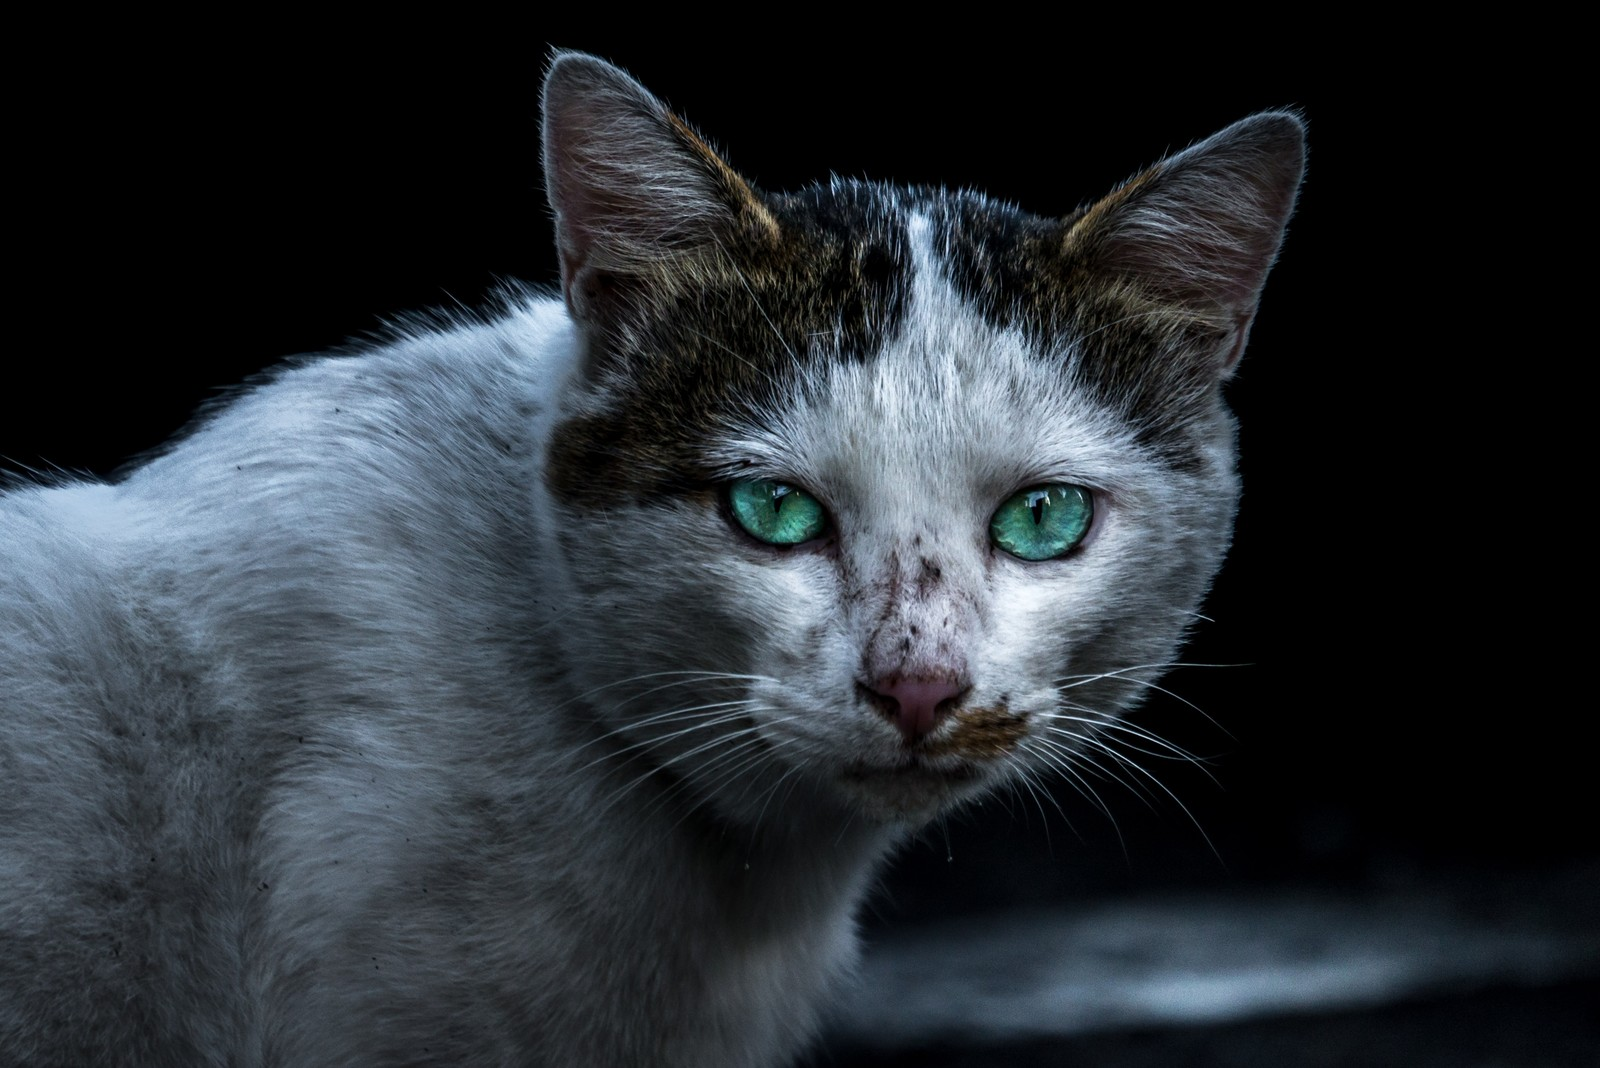 「喧嘩後の猫さん」の写真